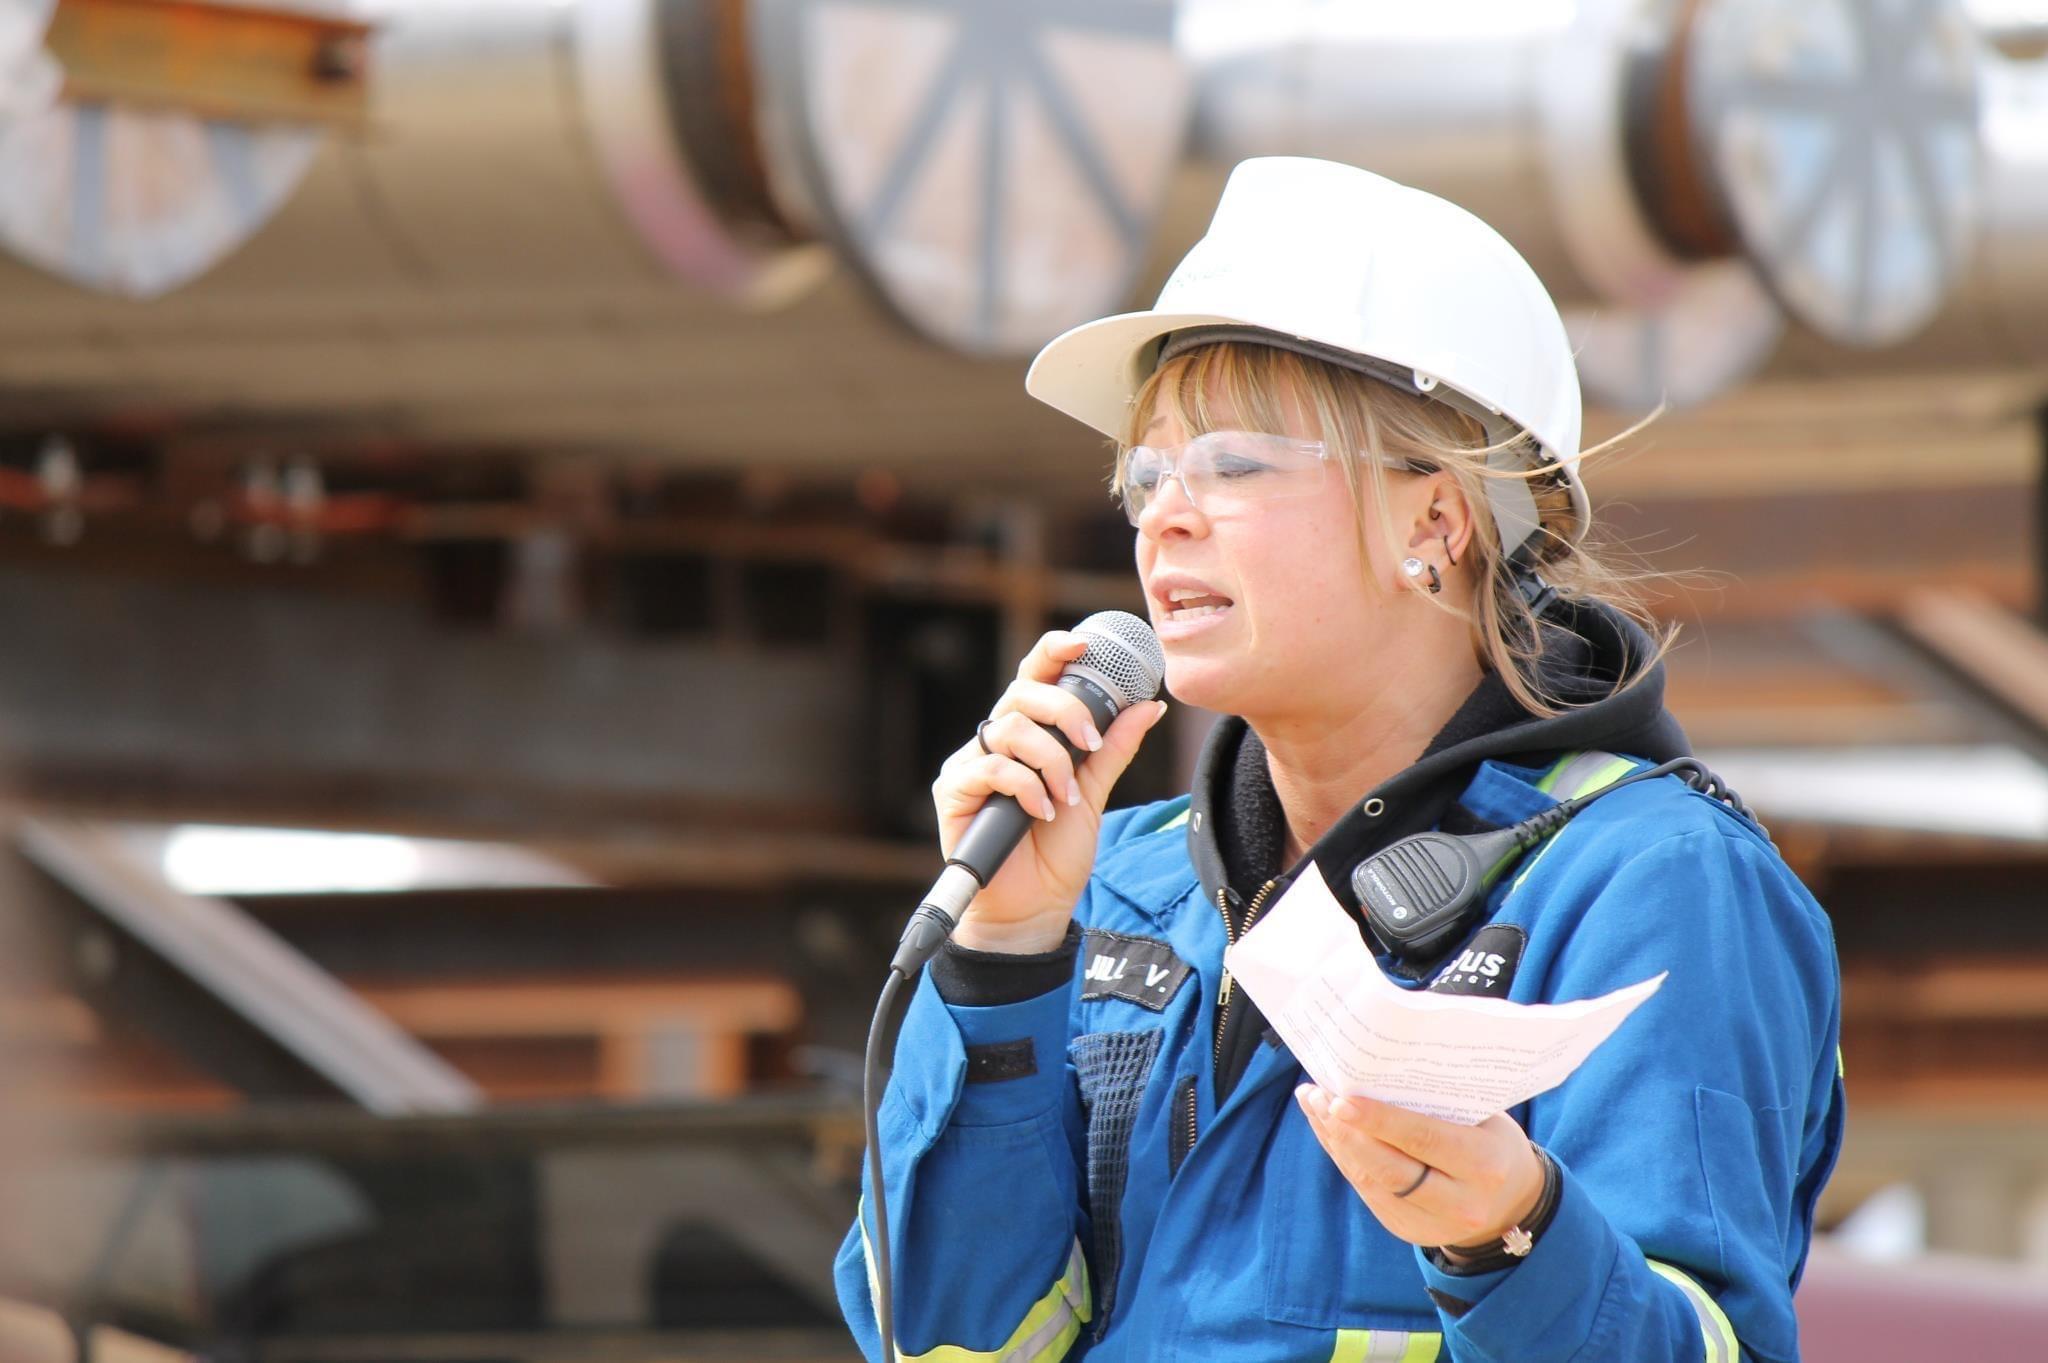 Jill Vrolson